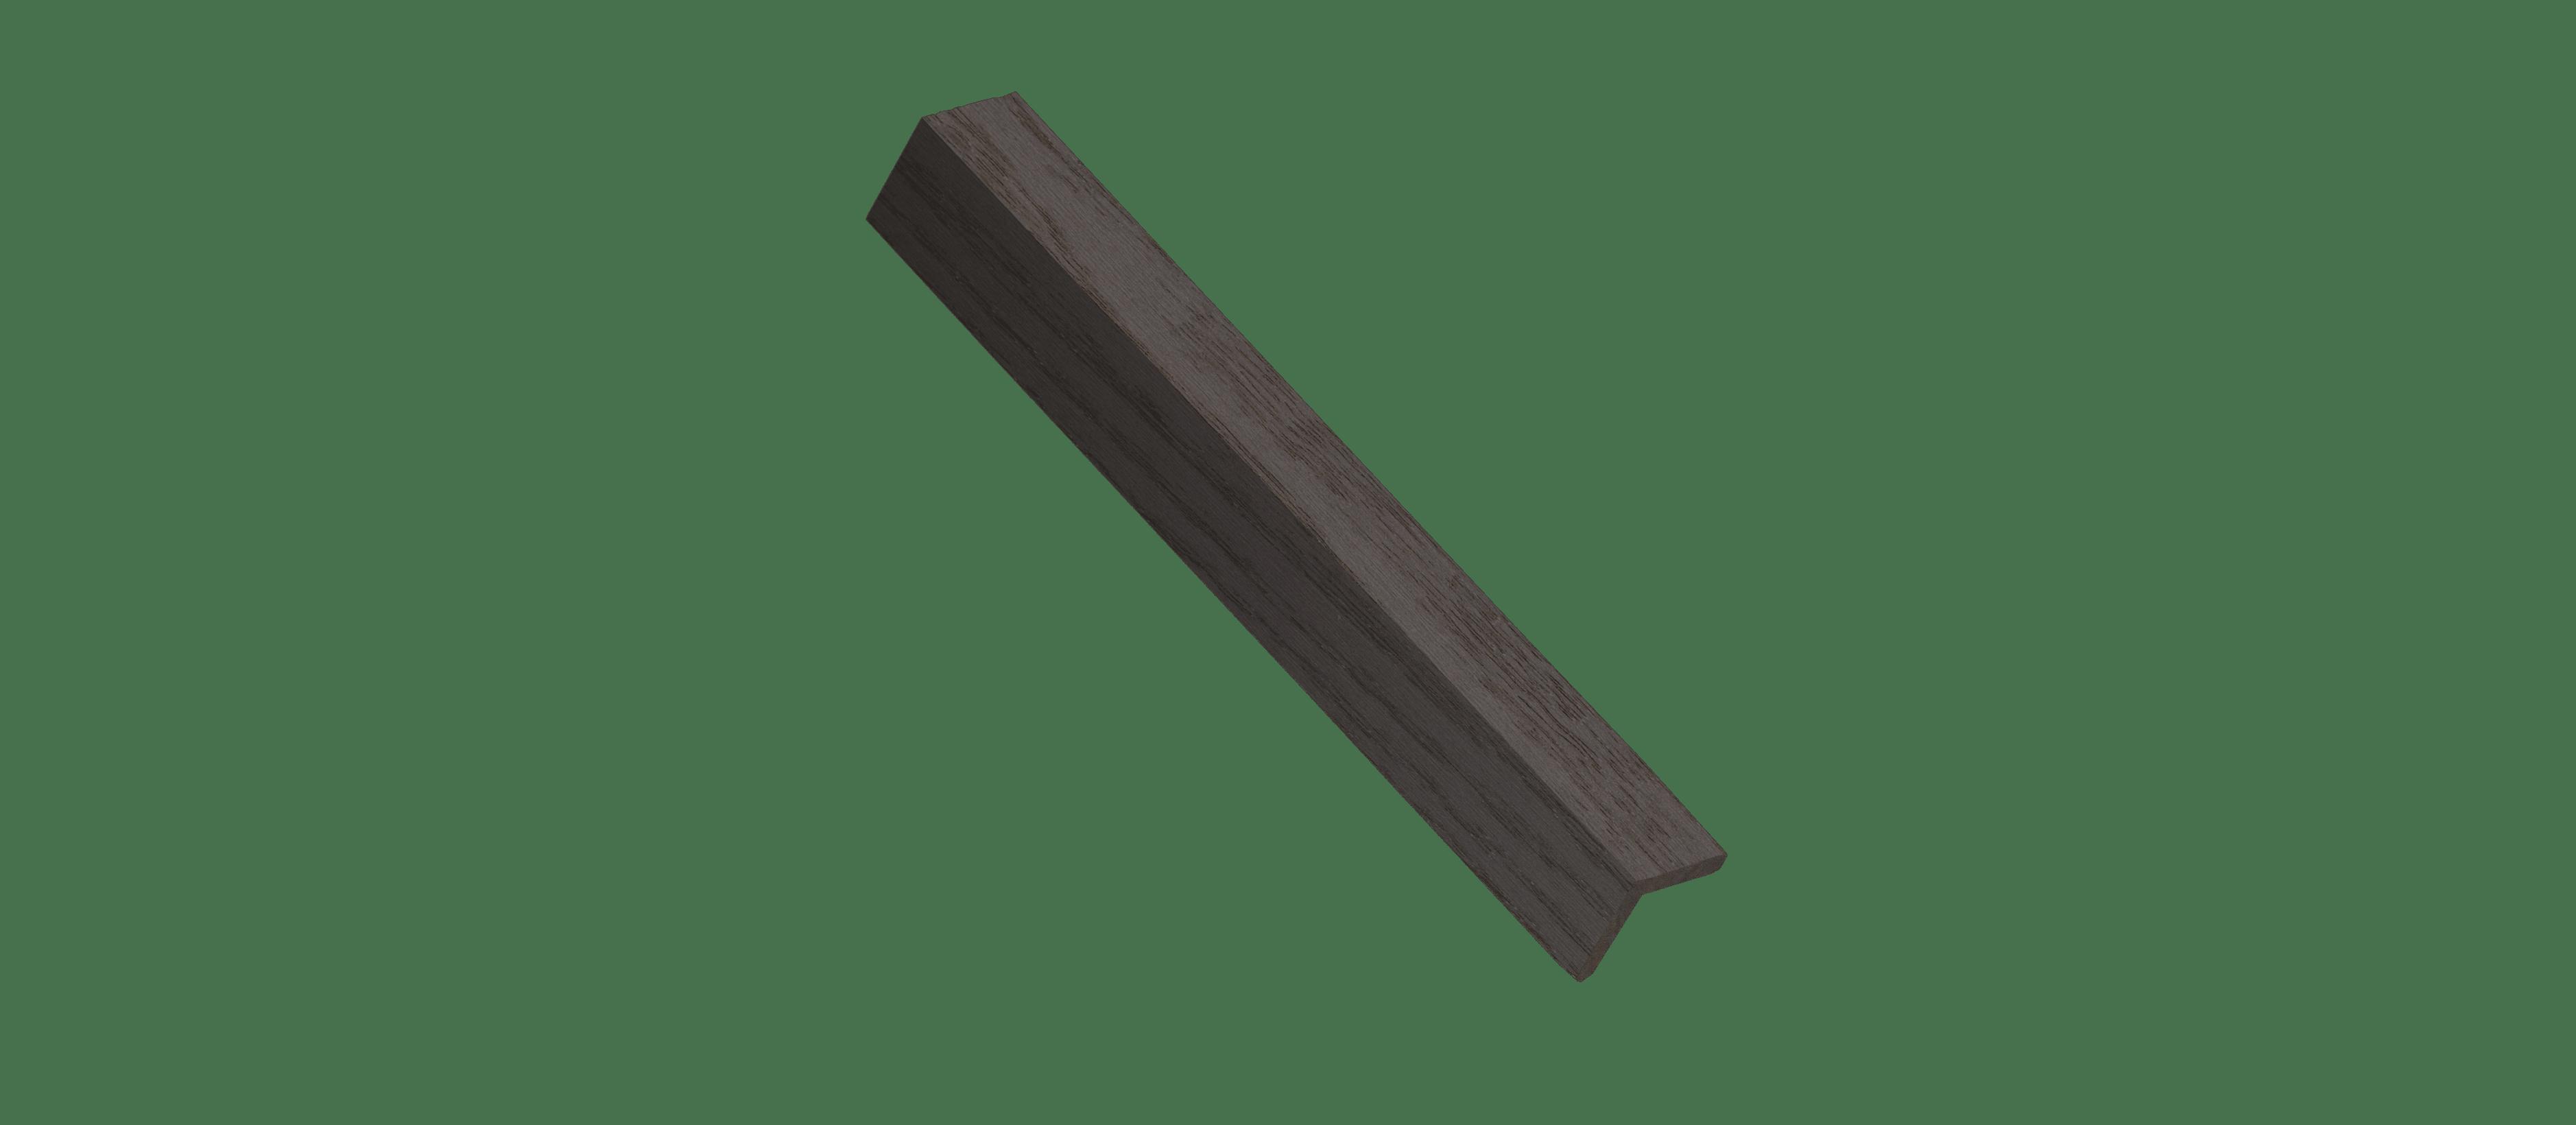 Plum Wood Corner Trim Sample